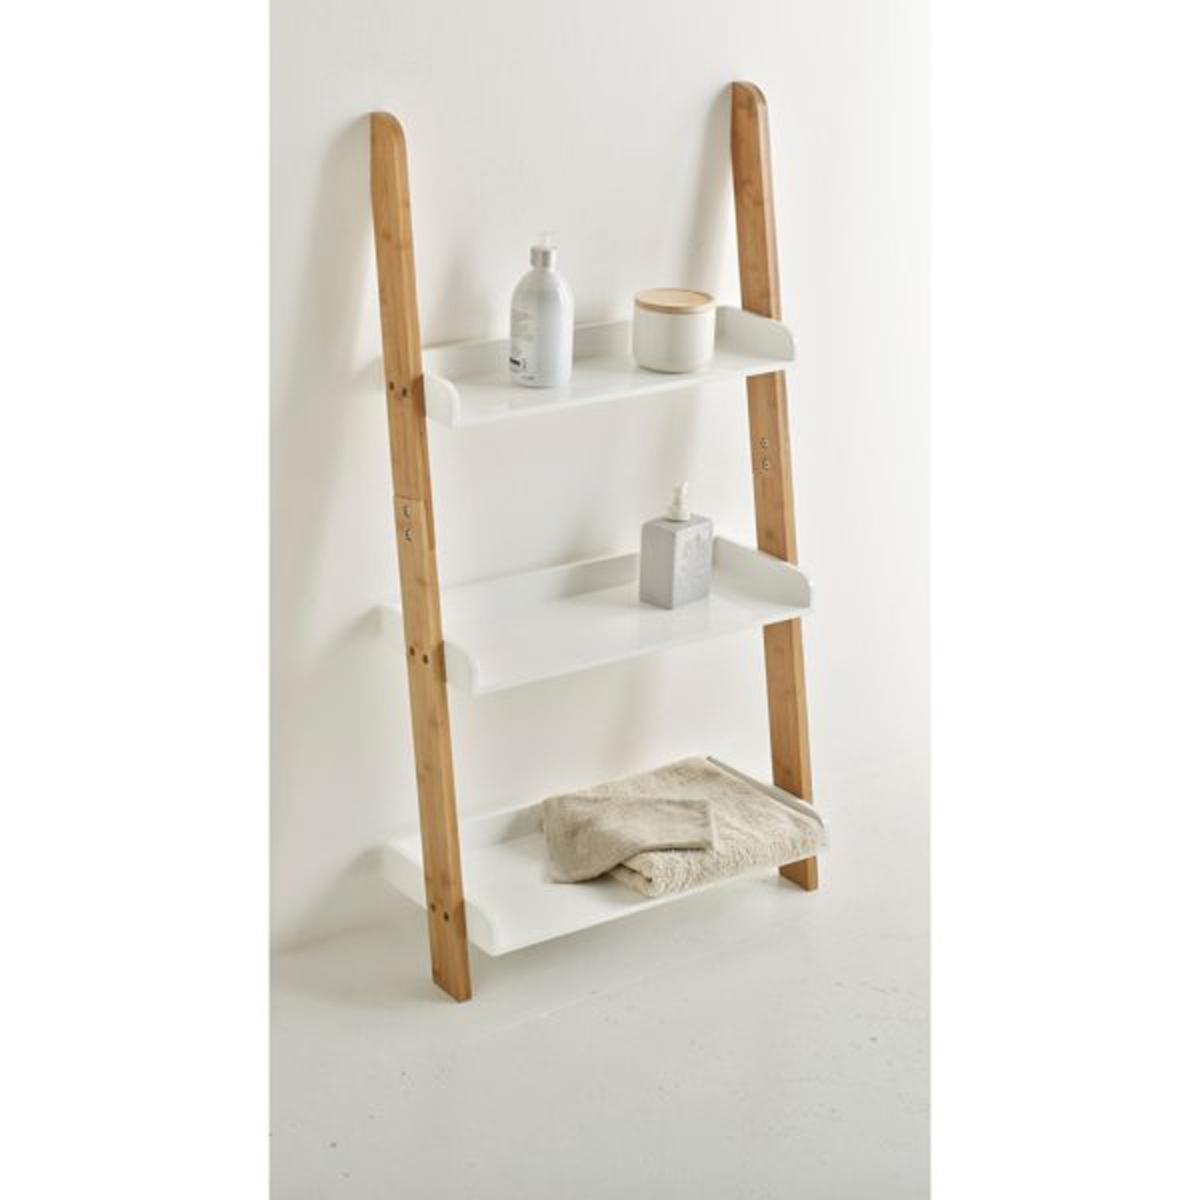 Этажерка для ванной комнаты с 3 полками, бамбук, LINDUSБамбуковая этажерка с 3 полками LINDUS занимает очень мало местана полу: её можно установить где угодно в ванной комнате, обеспечивая тем самым пространство для хранения множества мелких аксессуаров .Корпус из бамбука, полки из МДФ с лакированным нитроцеллюлозным покрытием.Размеры бамбуковой этажерки с 3 полками, LINDUS :55 x 25 x 102 см<br><br>Цвет: белый